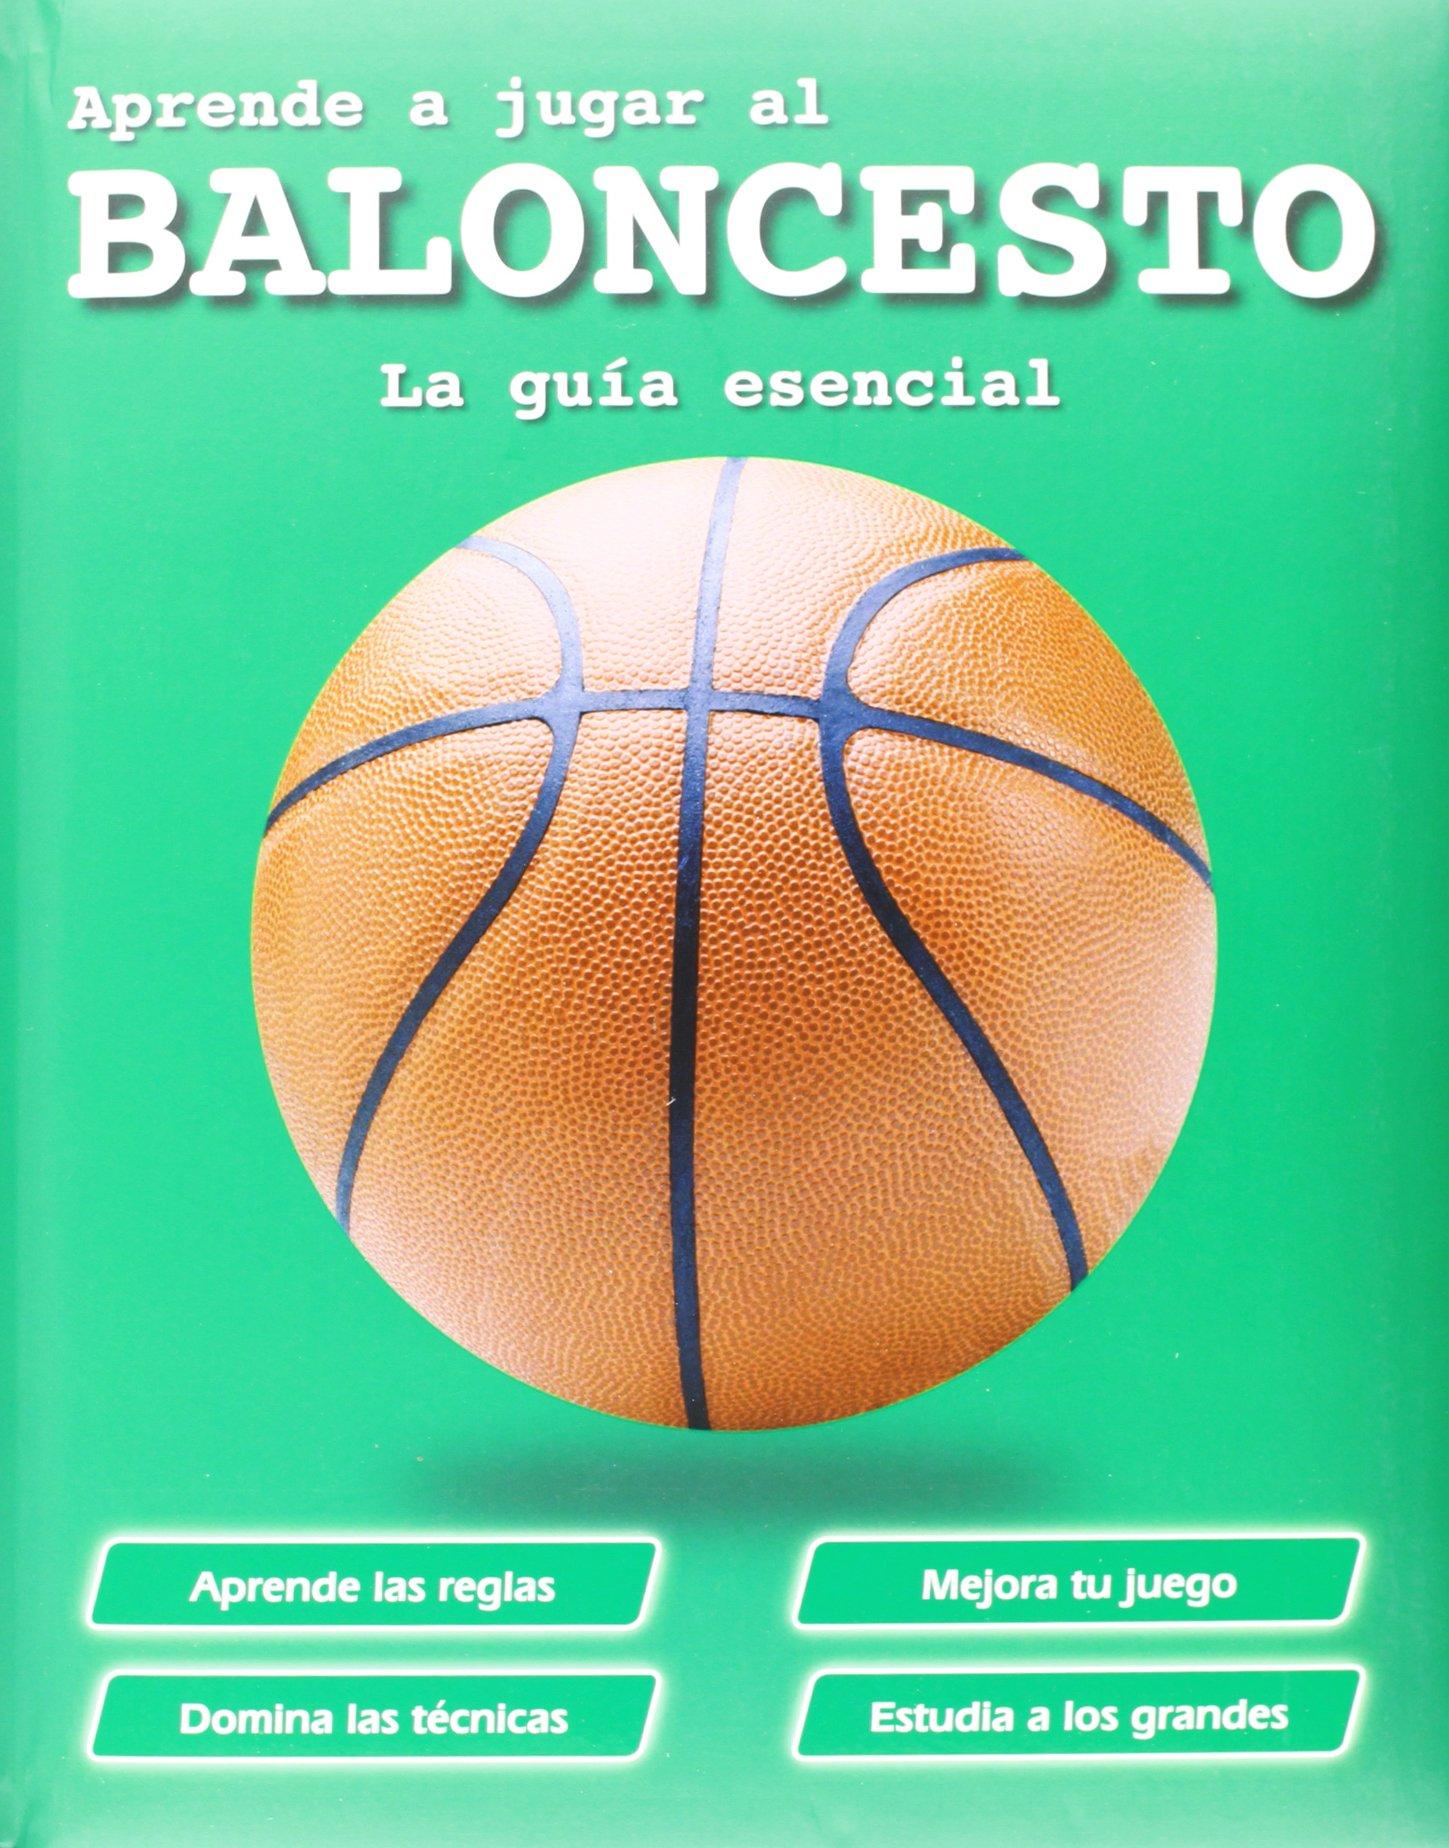 Aprende a jugar al baloncesto (Actividades y destrezas) Tapa dura – 3 jul 2013 Sanpablo 8428541426 Basketball